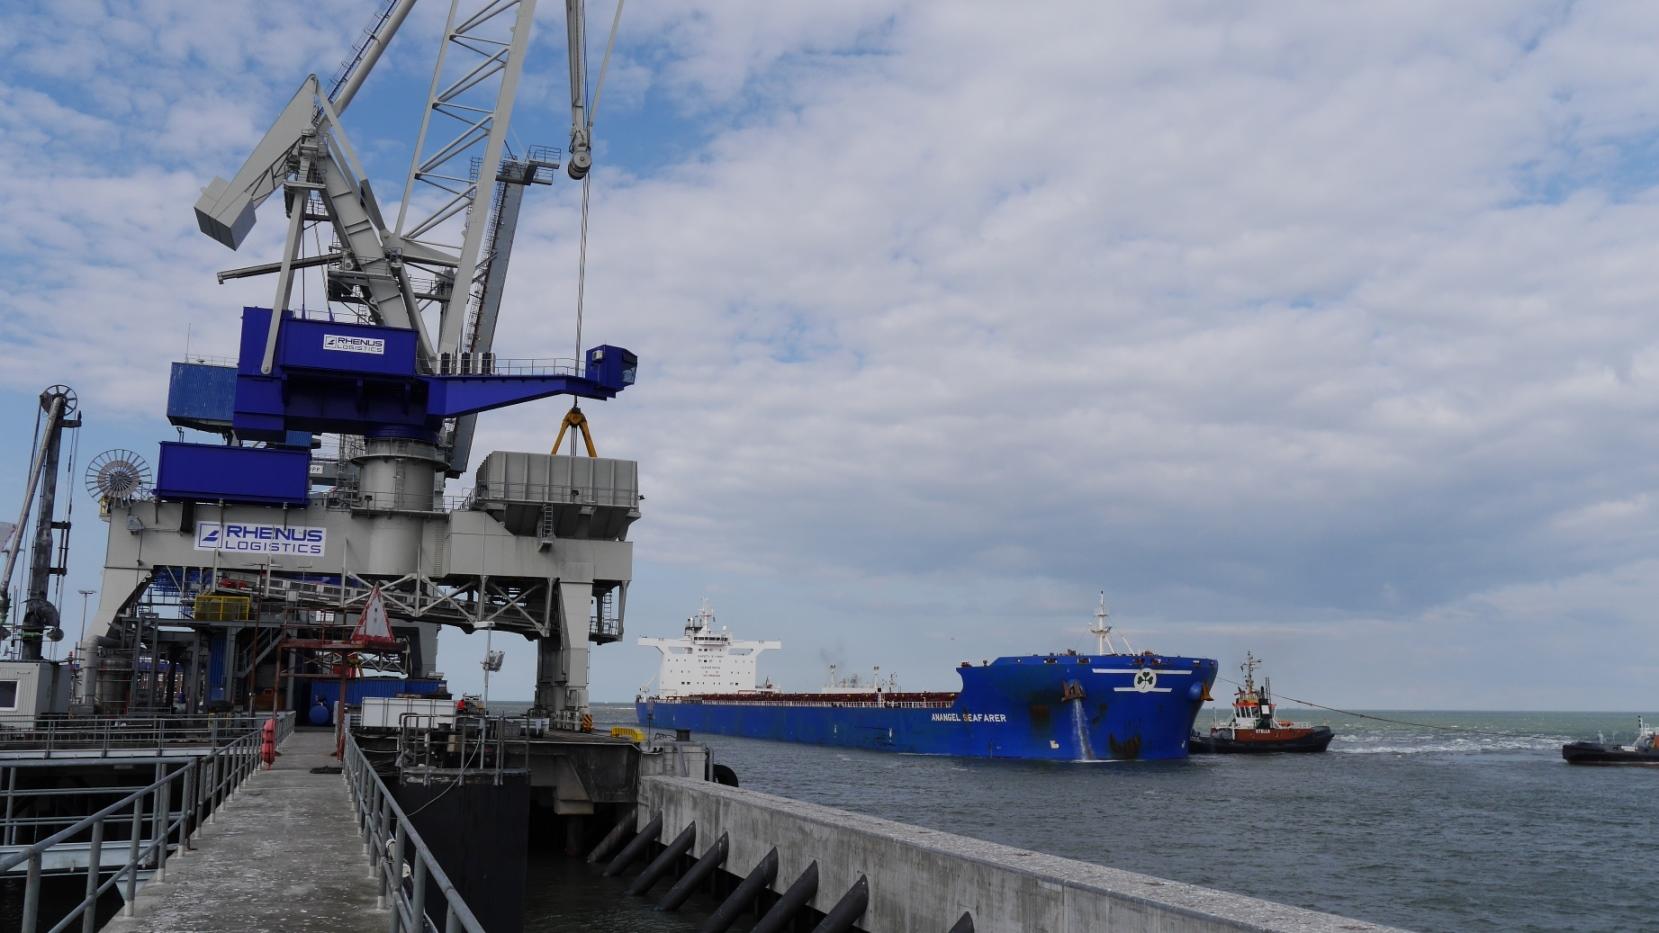 Partnervermittlung wilhelmshaven Partnersuche & kostenlose Kontaktanzeigen in Wilhelmshaven,